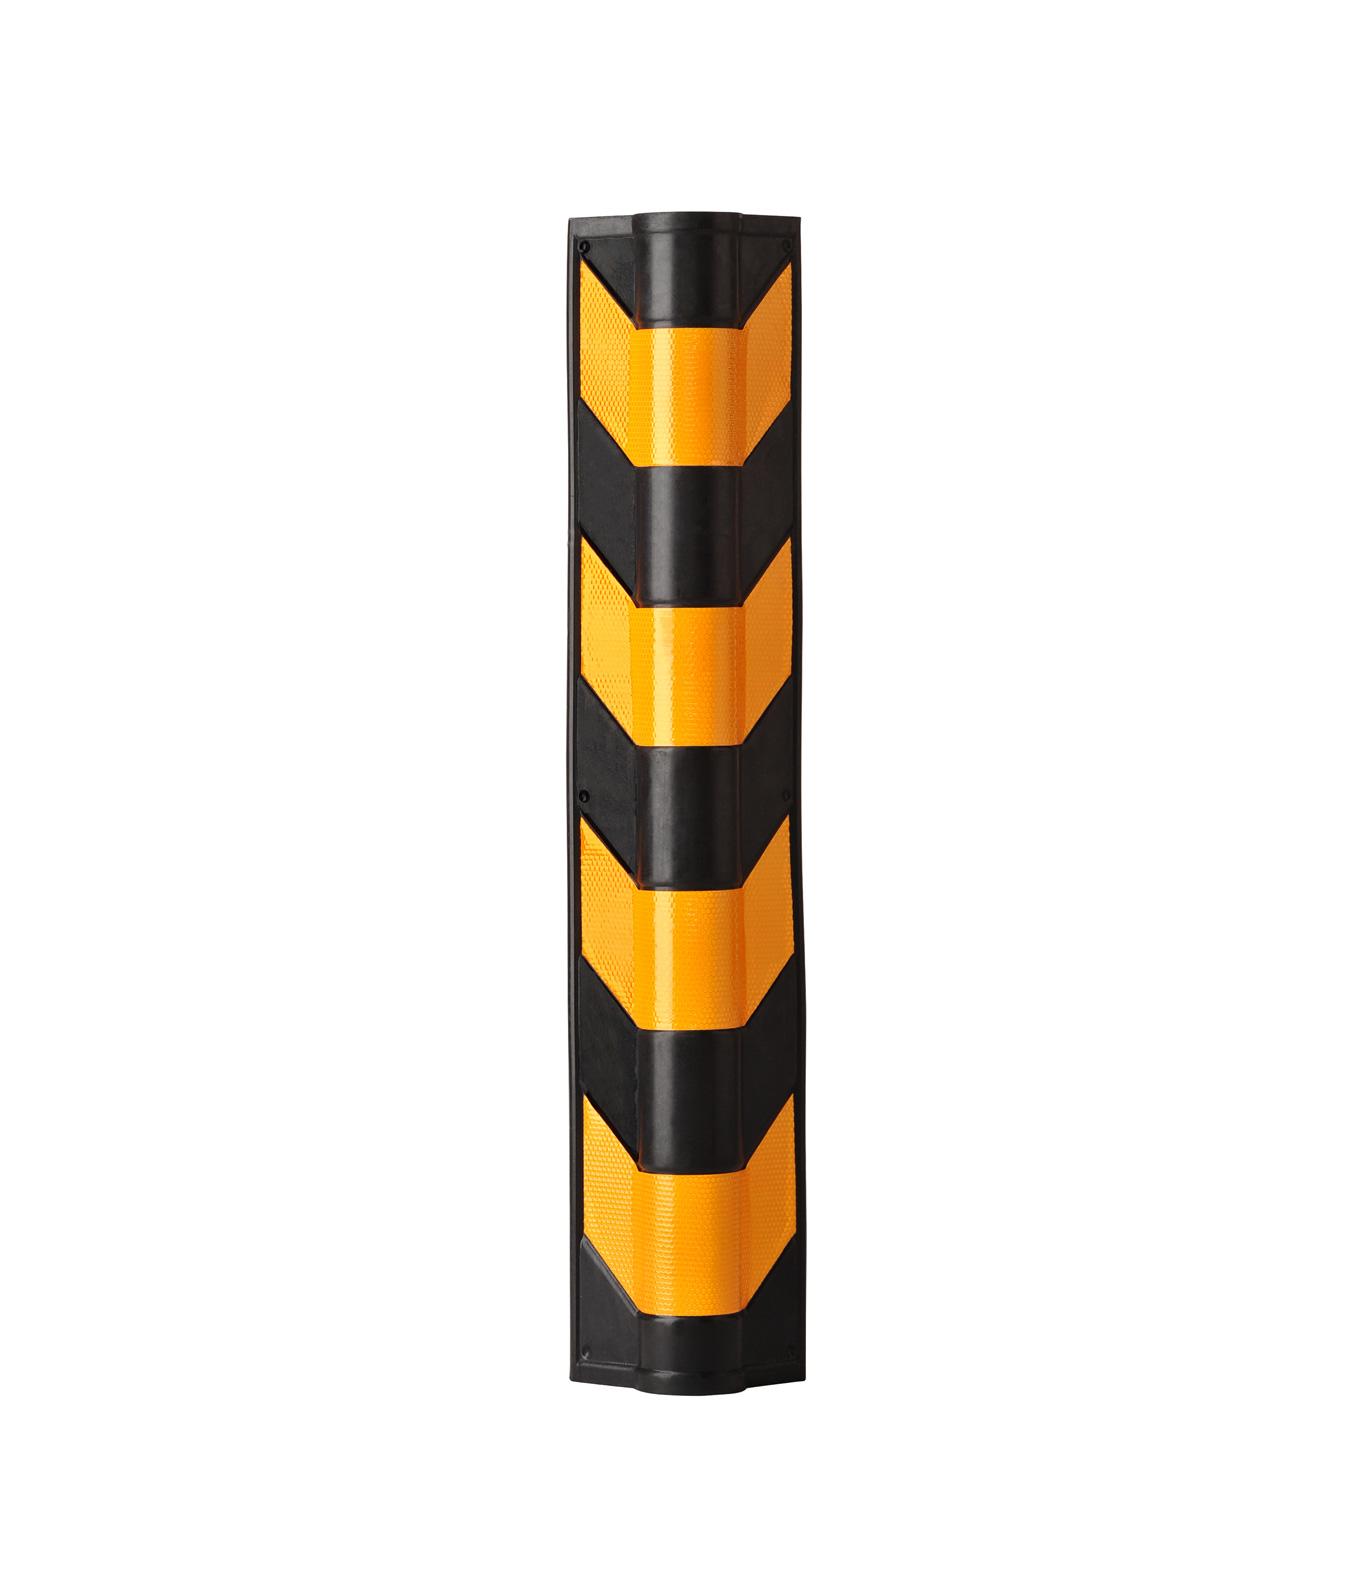 R-2012 rubber corner guard